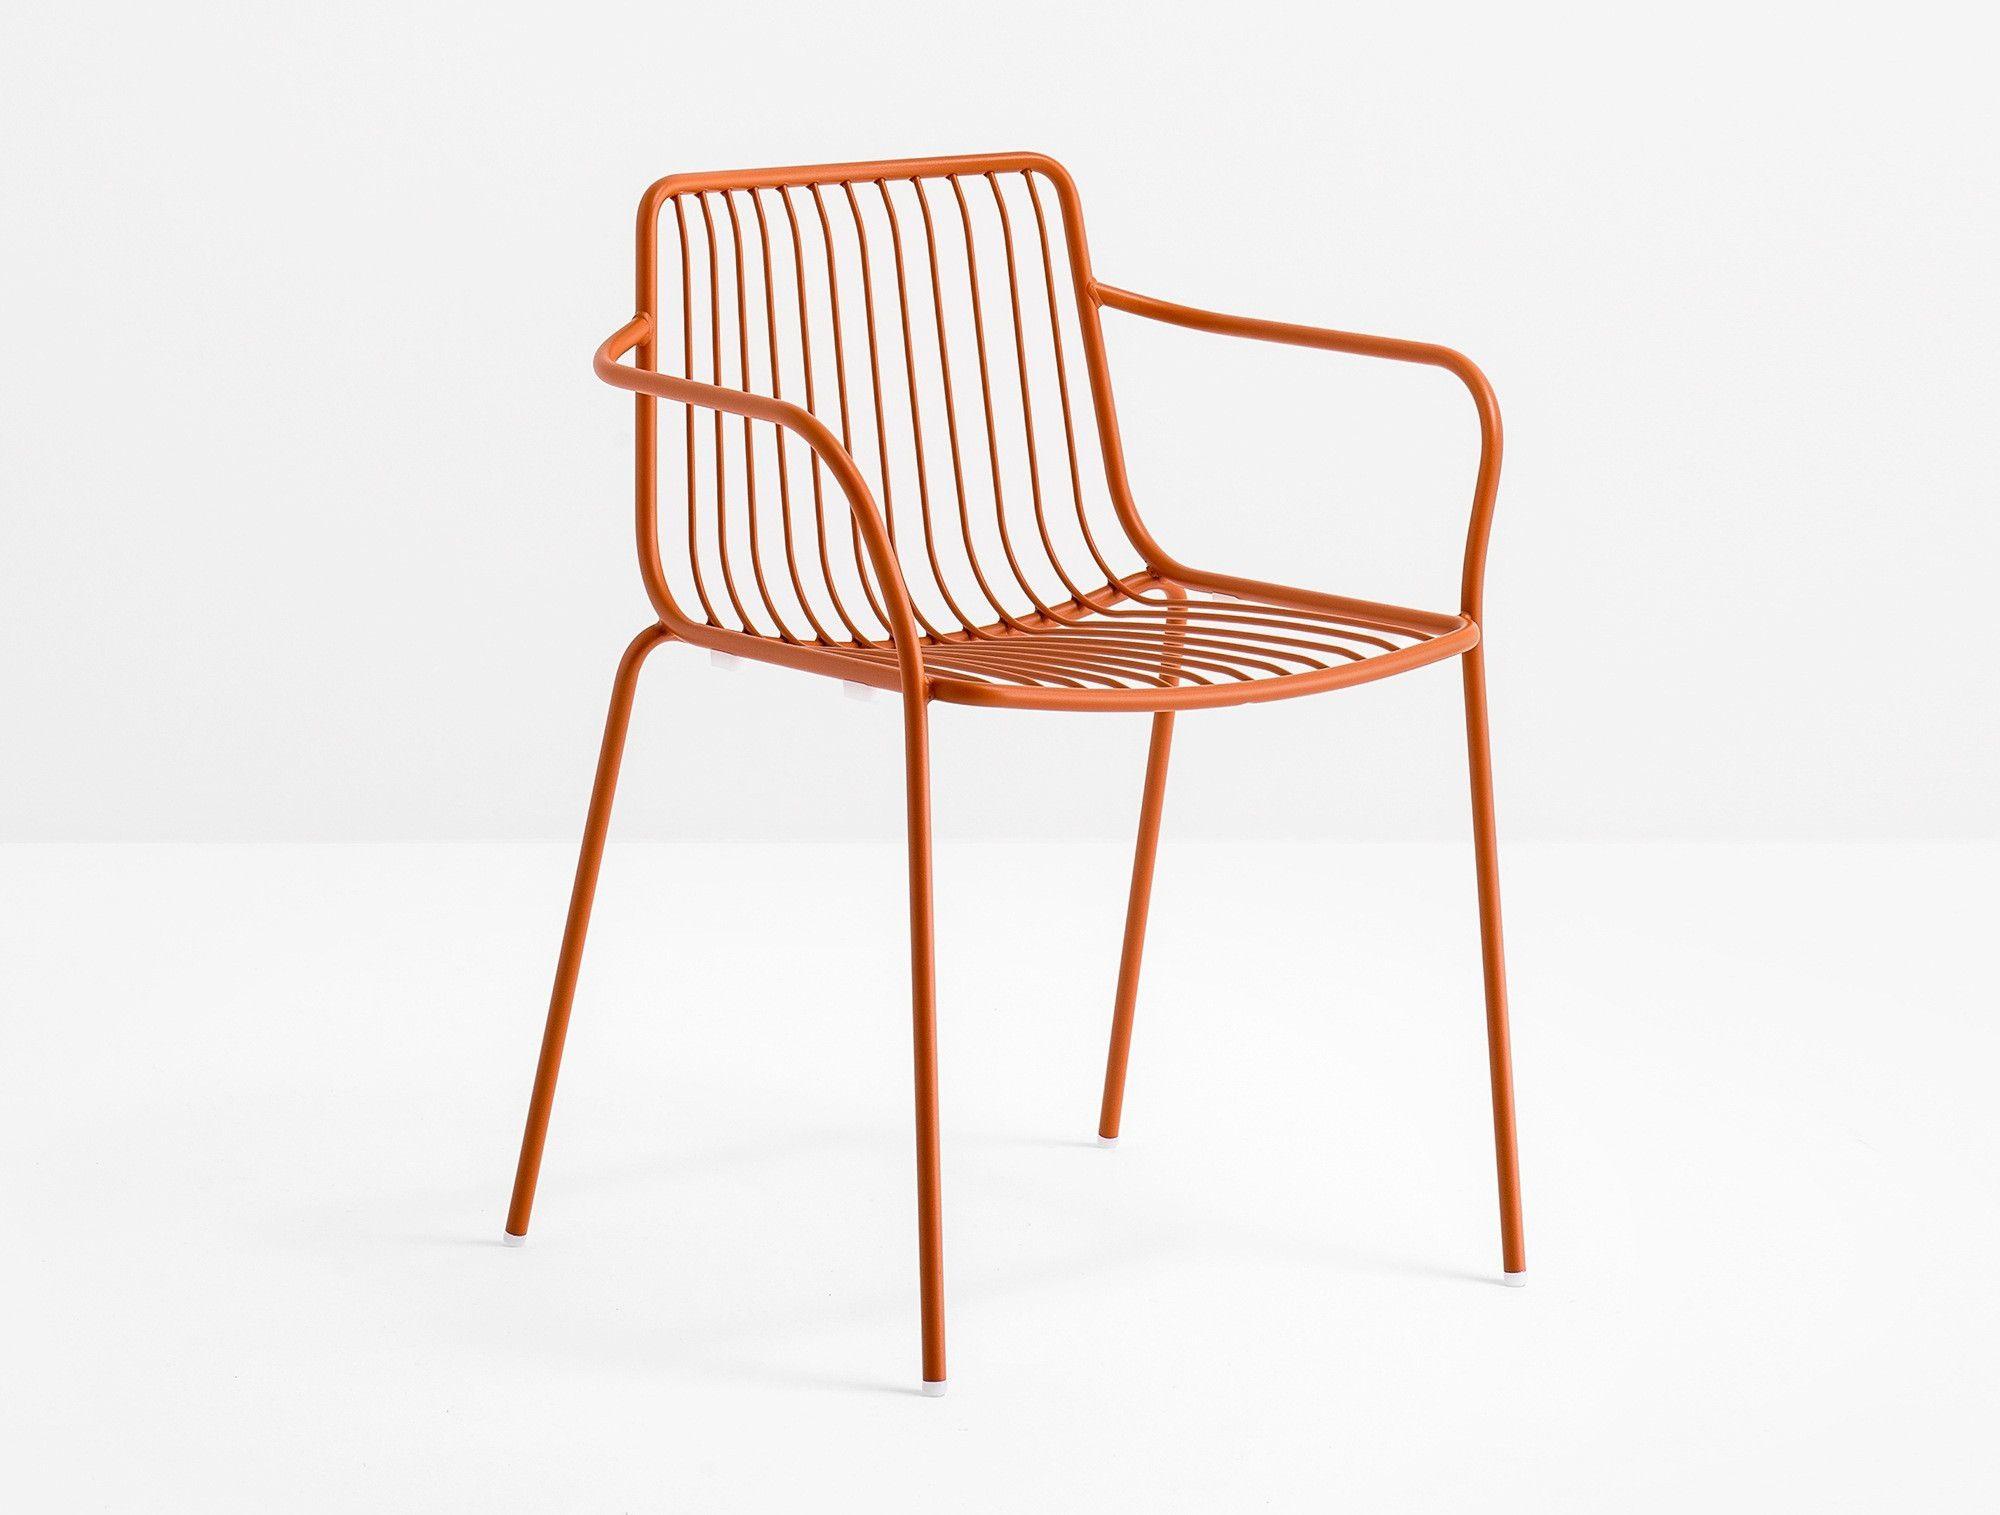 table pliante avec chaise alinea fauteuil de jardin of table pliante avec chaise